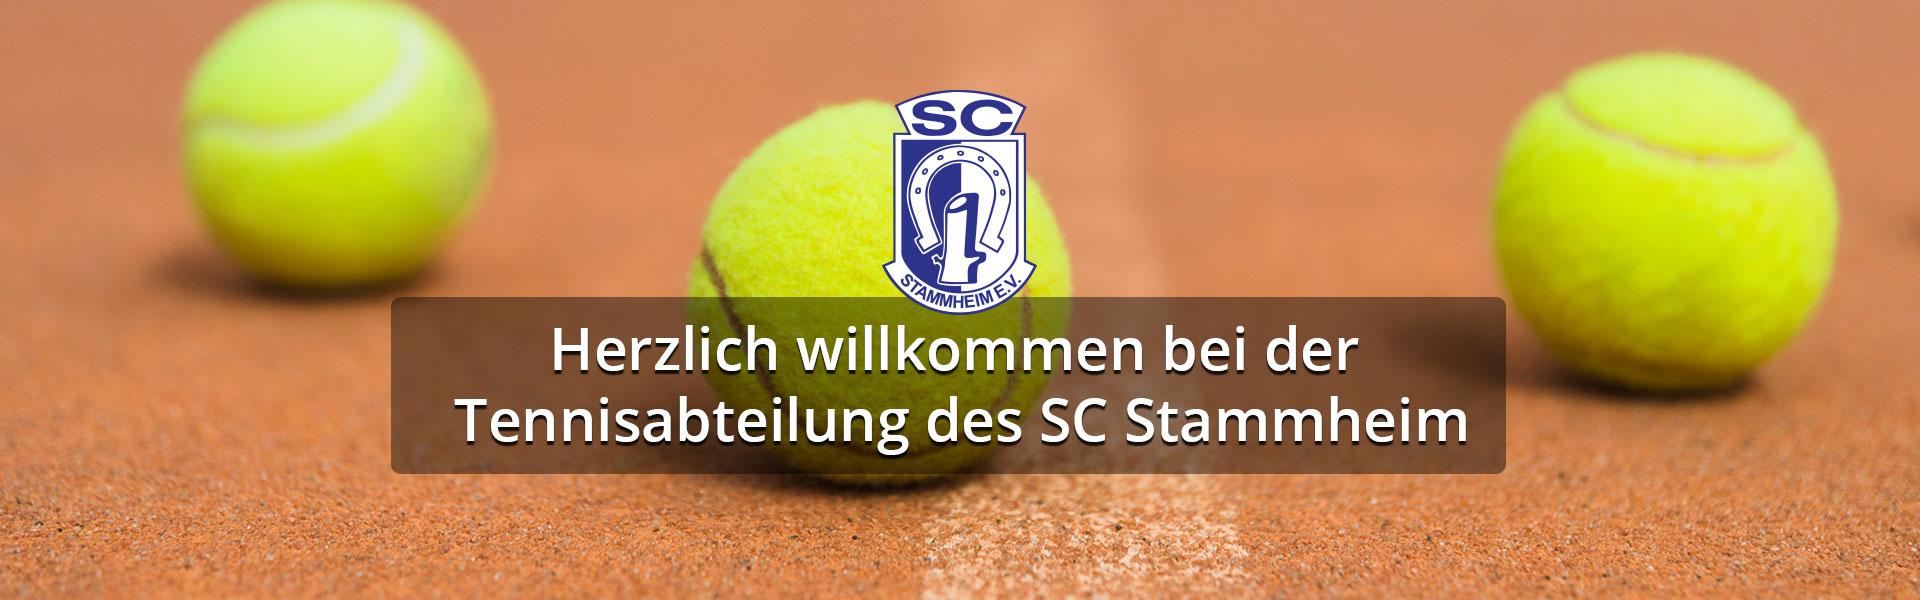 Tennis-SC-Stammheim